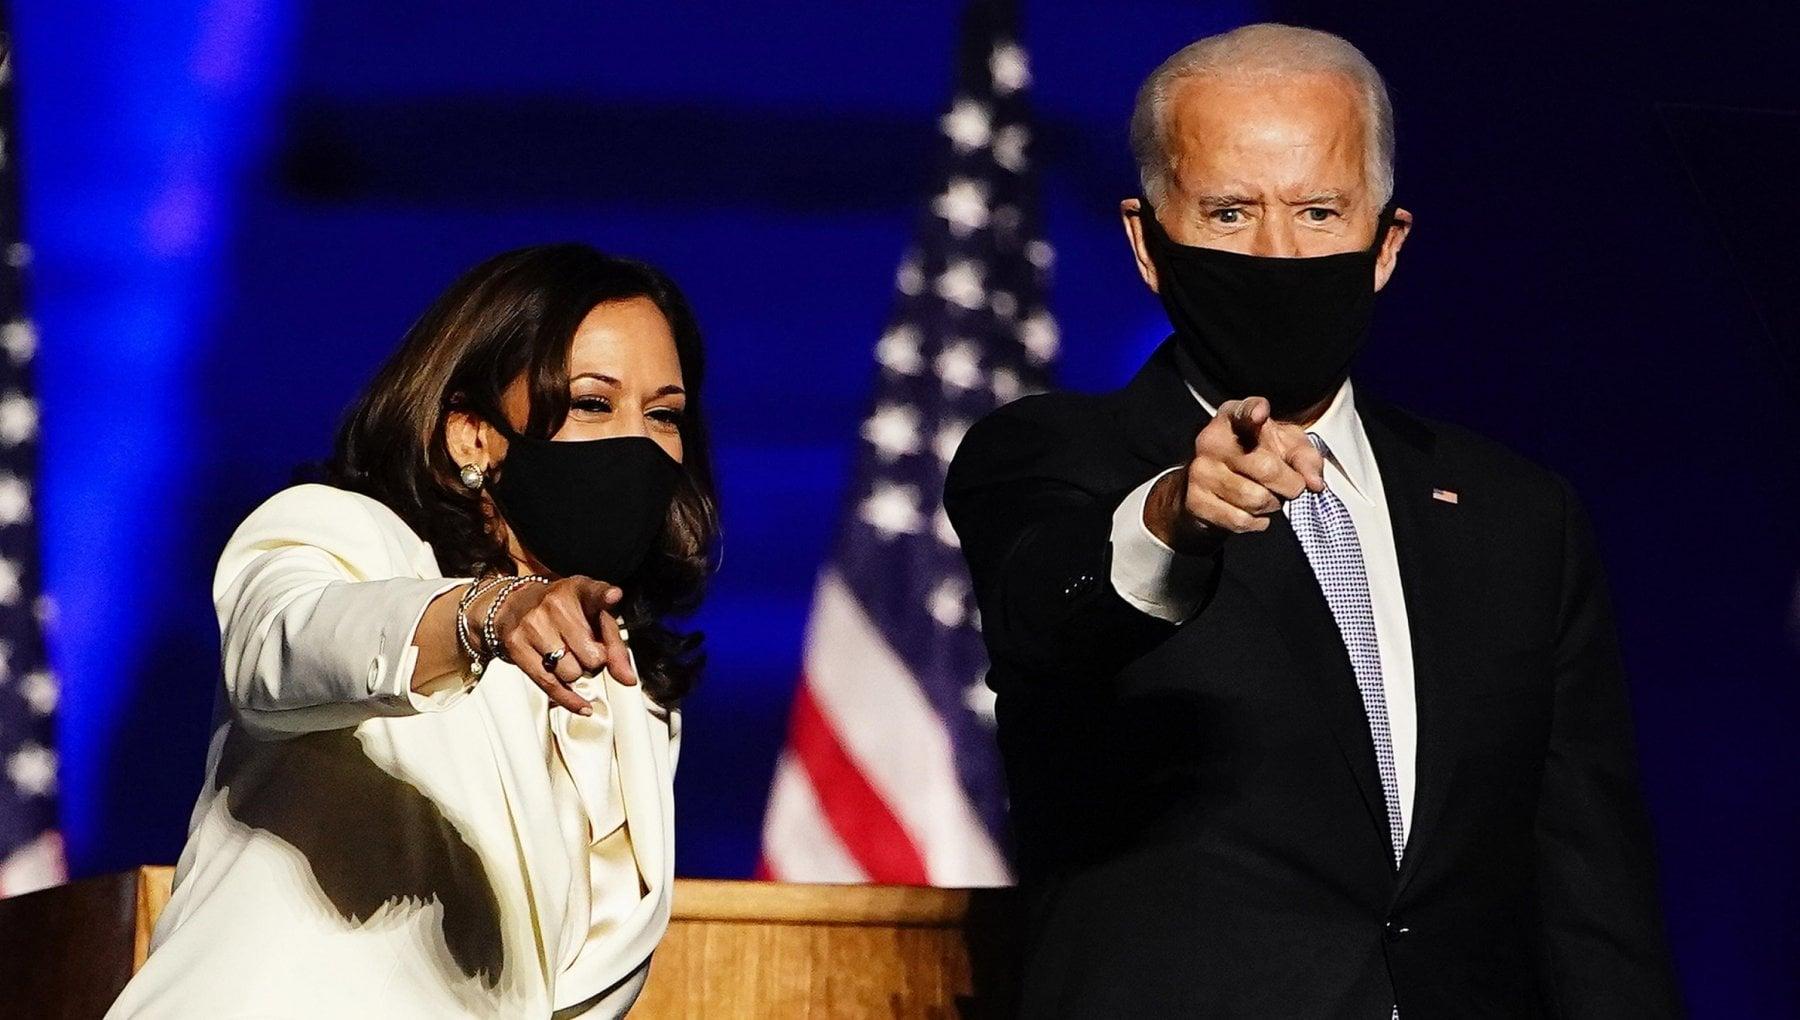 Joe Biden e Kamala Harris Persone dellanno a loro e dedicata la copertina del Time